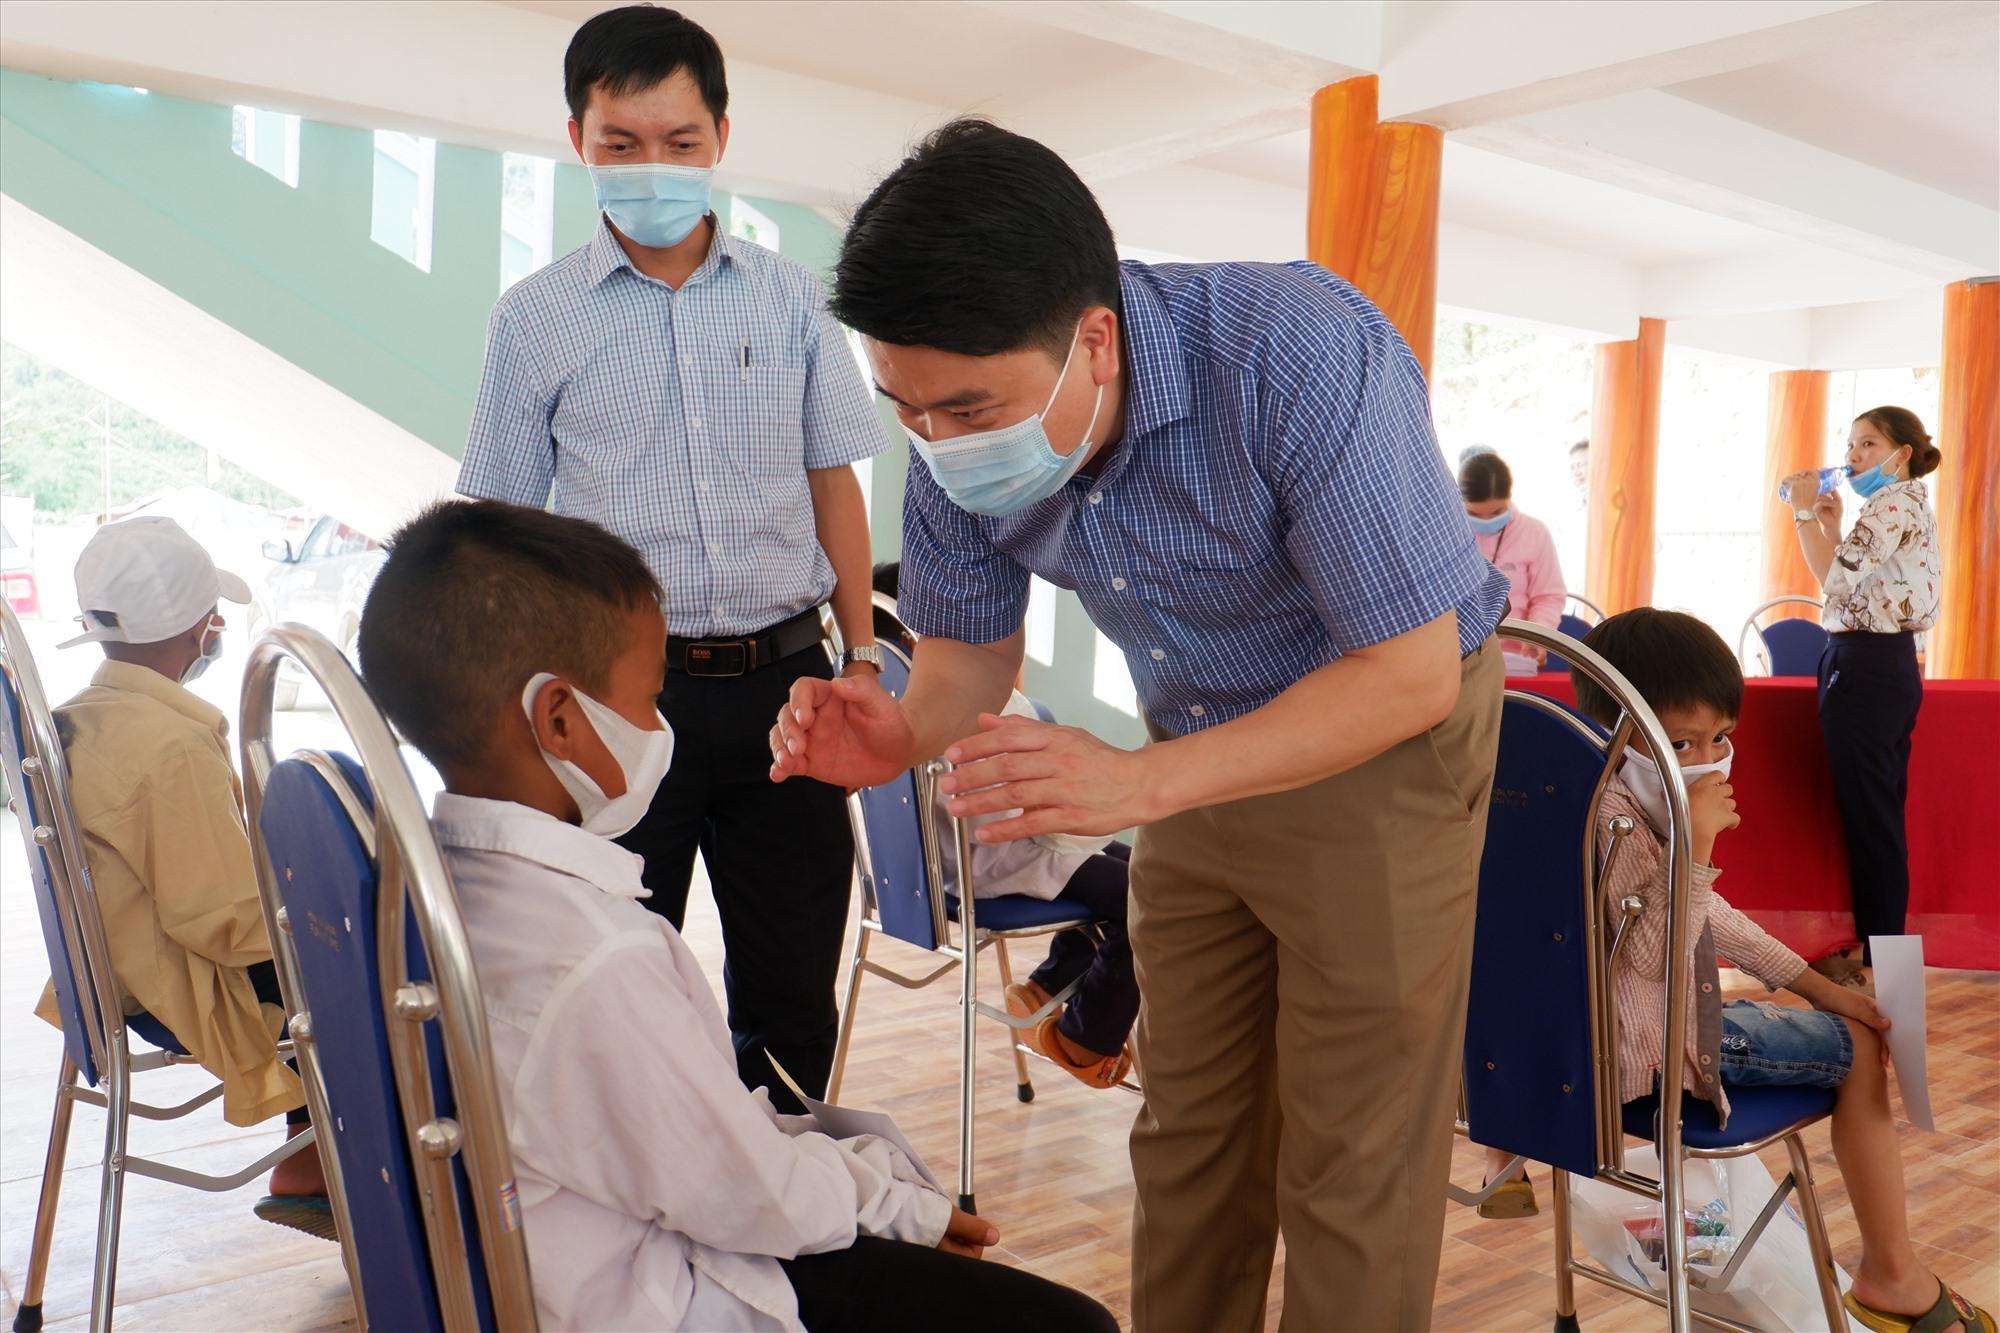 Đồng chí Trần Văn Tân dặn dò các em giữ gìn vệ sinh thân thể trong dịp hè. ảnh: X.H